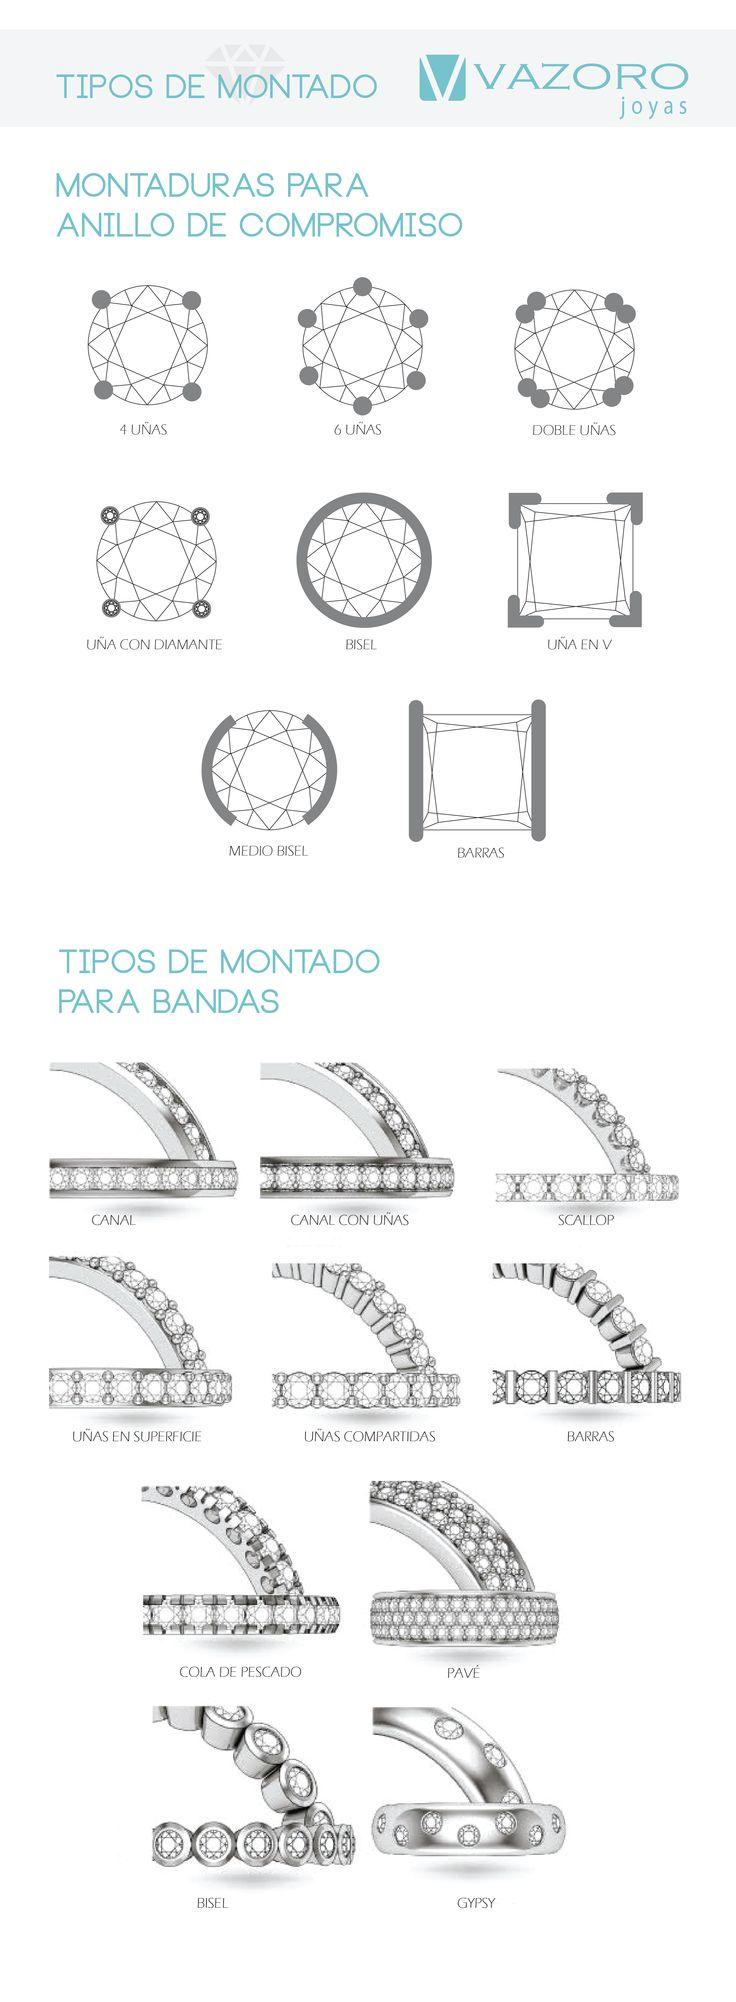 Tipos de montado del diamante en anillo de compromiso, argollas, bandas y churumbelas